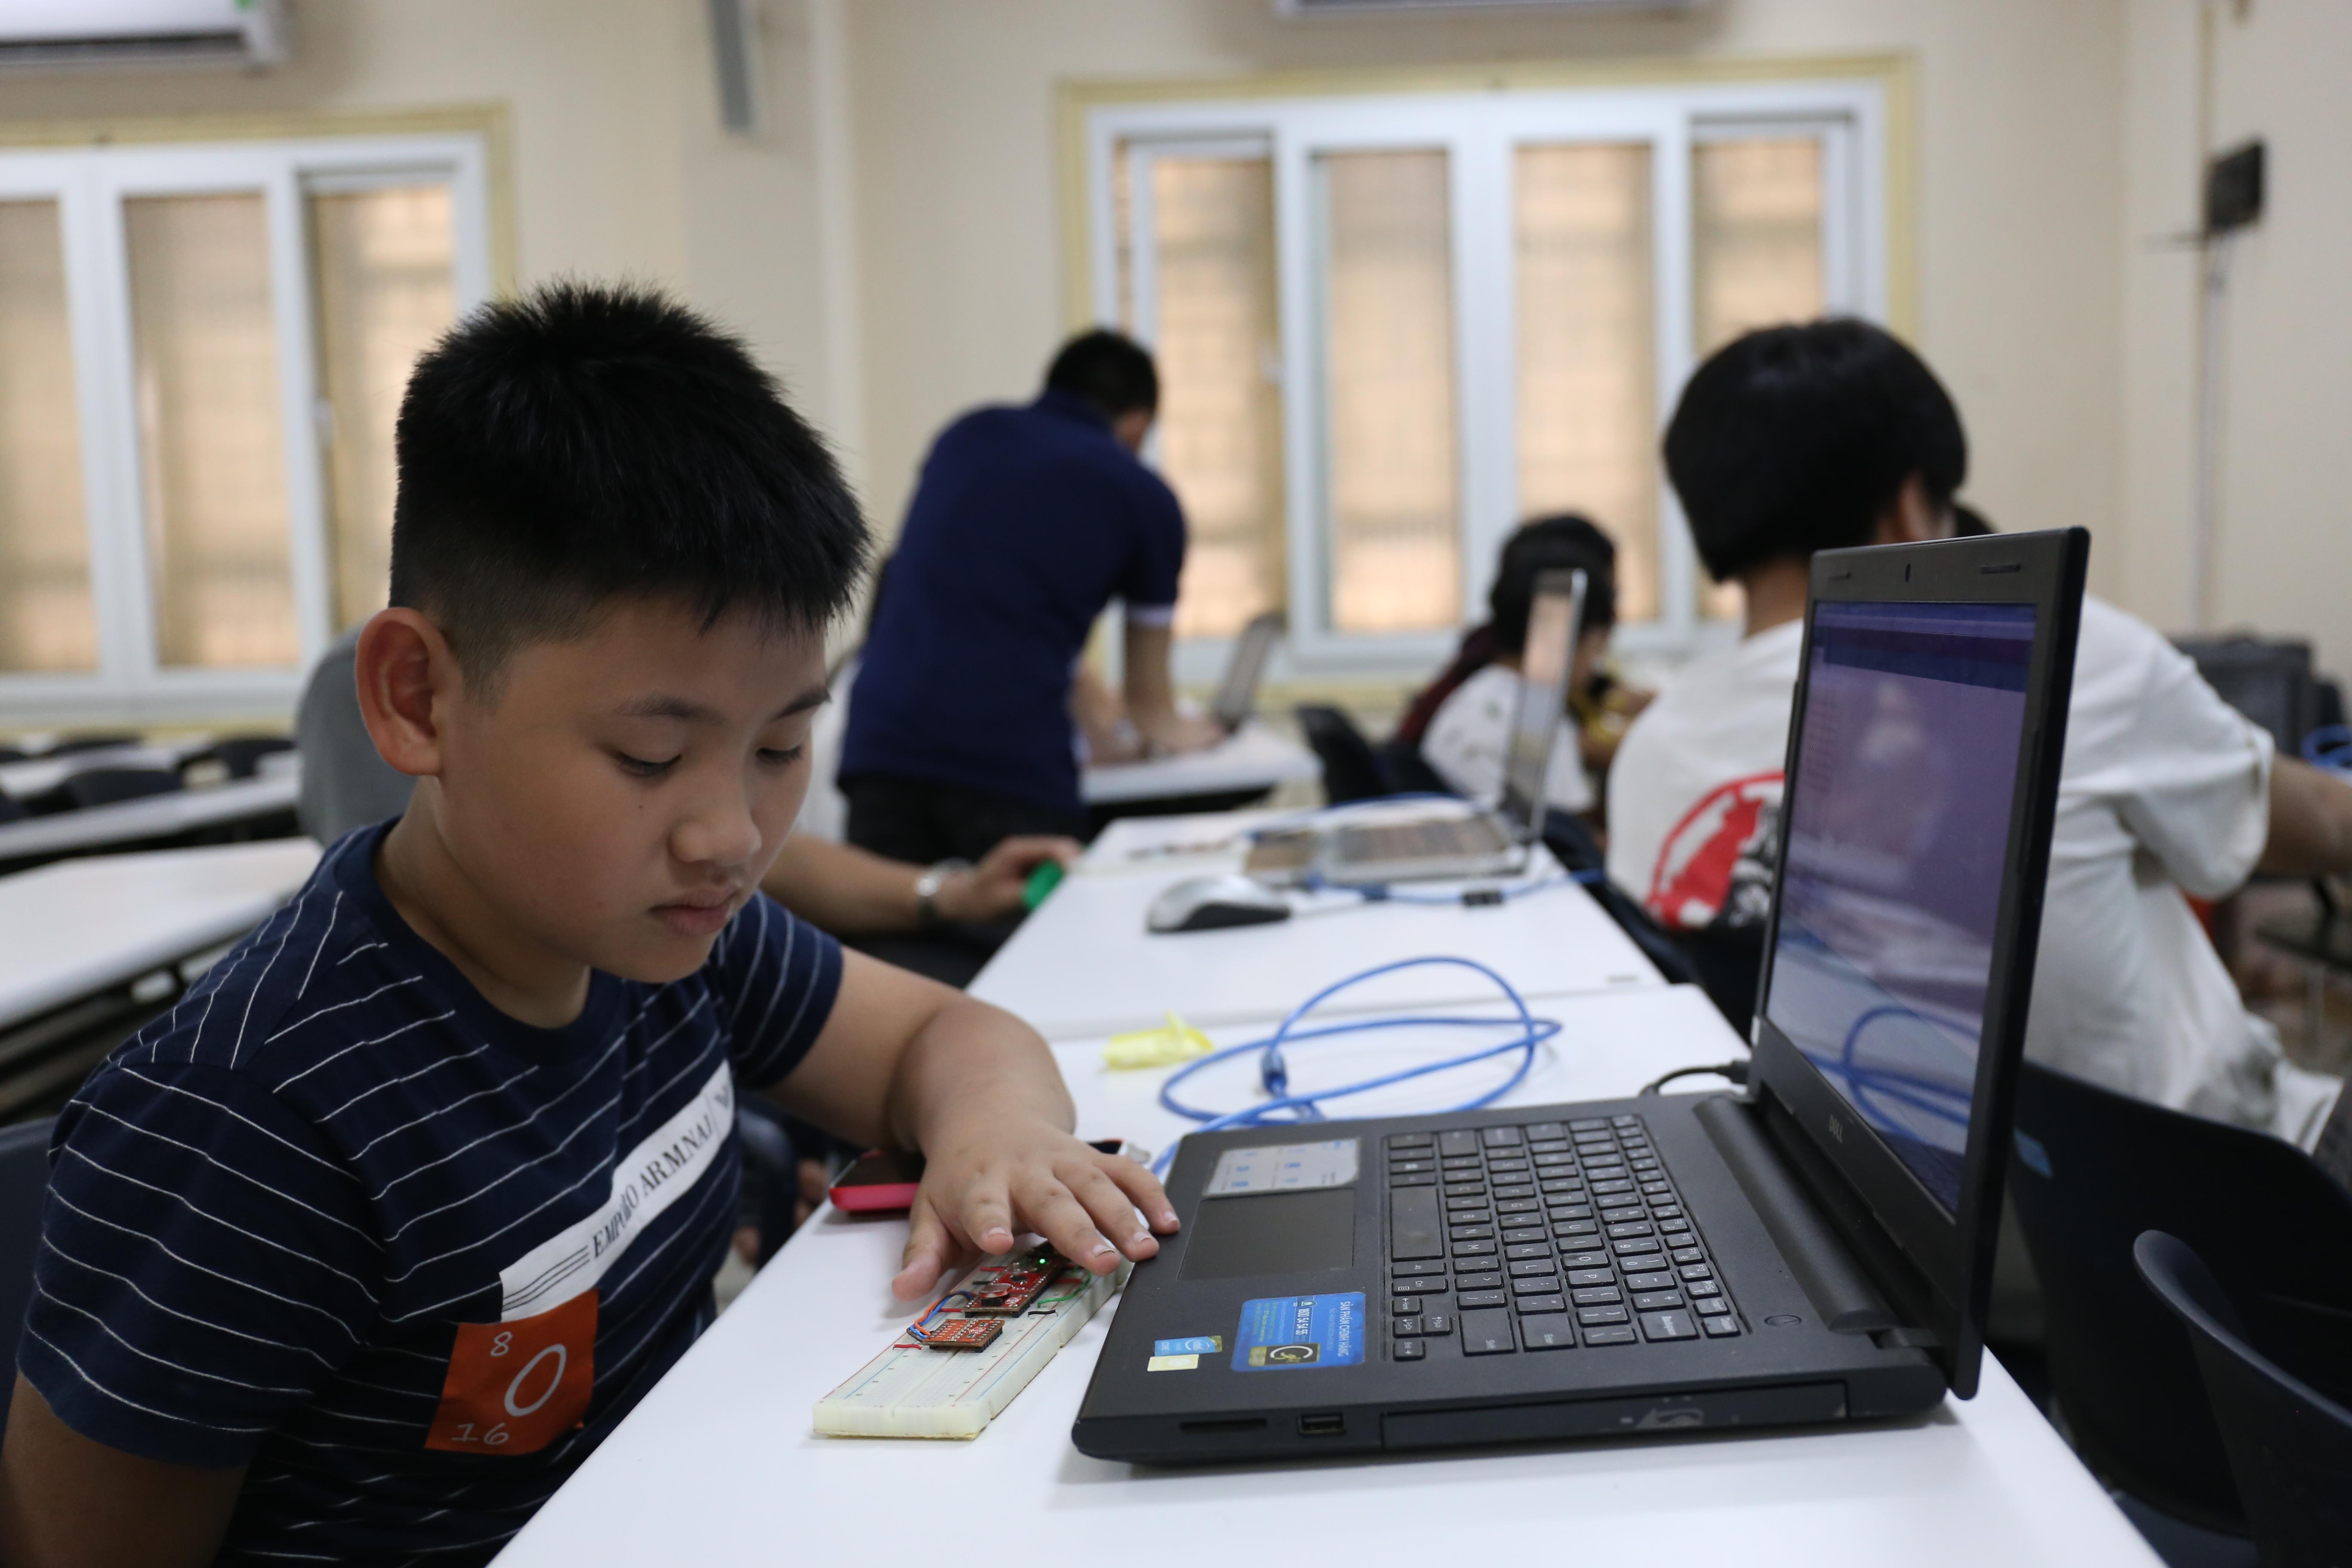 """Lập trình cho robot di chuyển hay cho cảm biến phát sáng đều không khó. Các em có thể sử dụng phần mềm trực quan để kéo những khối lệnh thành một cụm sơ đồ, hay dùng các nền tảng nguồn mở Arduino để viết câu lệnh theo ngôn ngữ lập trình. Em Nguyễn Đặng Trường Giang, lớp 6, trường THCS Tây Sơn, quận Hai Bà Trưng, Hà Nội, hào hứng khoe khi tham gia lớp học lập trình cho robot của Kidscode, """"Đây là lần đầu tiên em được lập trình 'cool' như thế này. Hồi cấp 1, bọn em cũng học nhưng chỉ để di chuyển hình vẽ trên máy tính thôi, còn ở đây có cả đèn bật/tắt khi em che ánh sáng đi""""."""